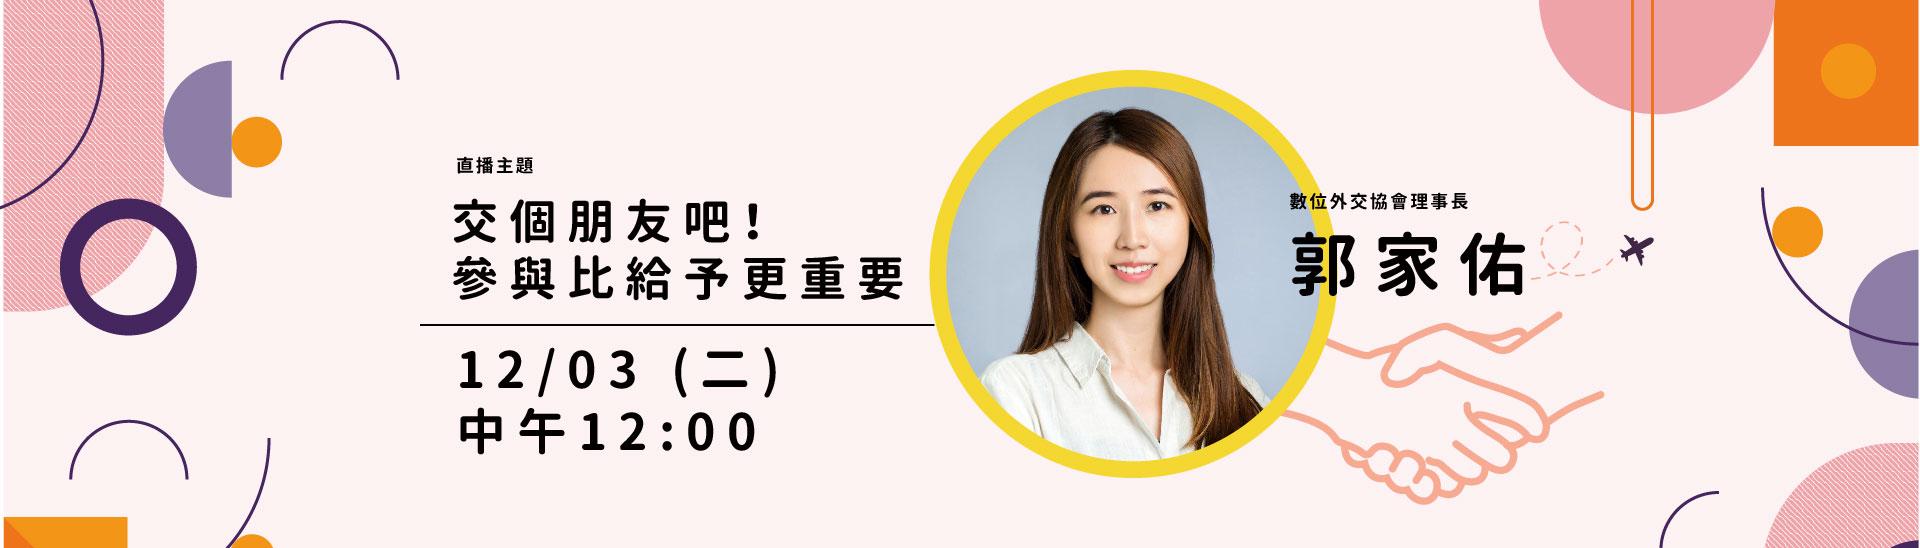 【超牆TuesDay】數位外交協會理事長郭家佑|交個朋友吧!參與比給予更重要